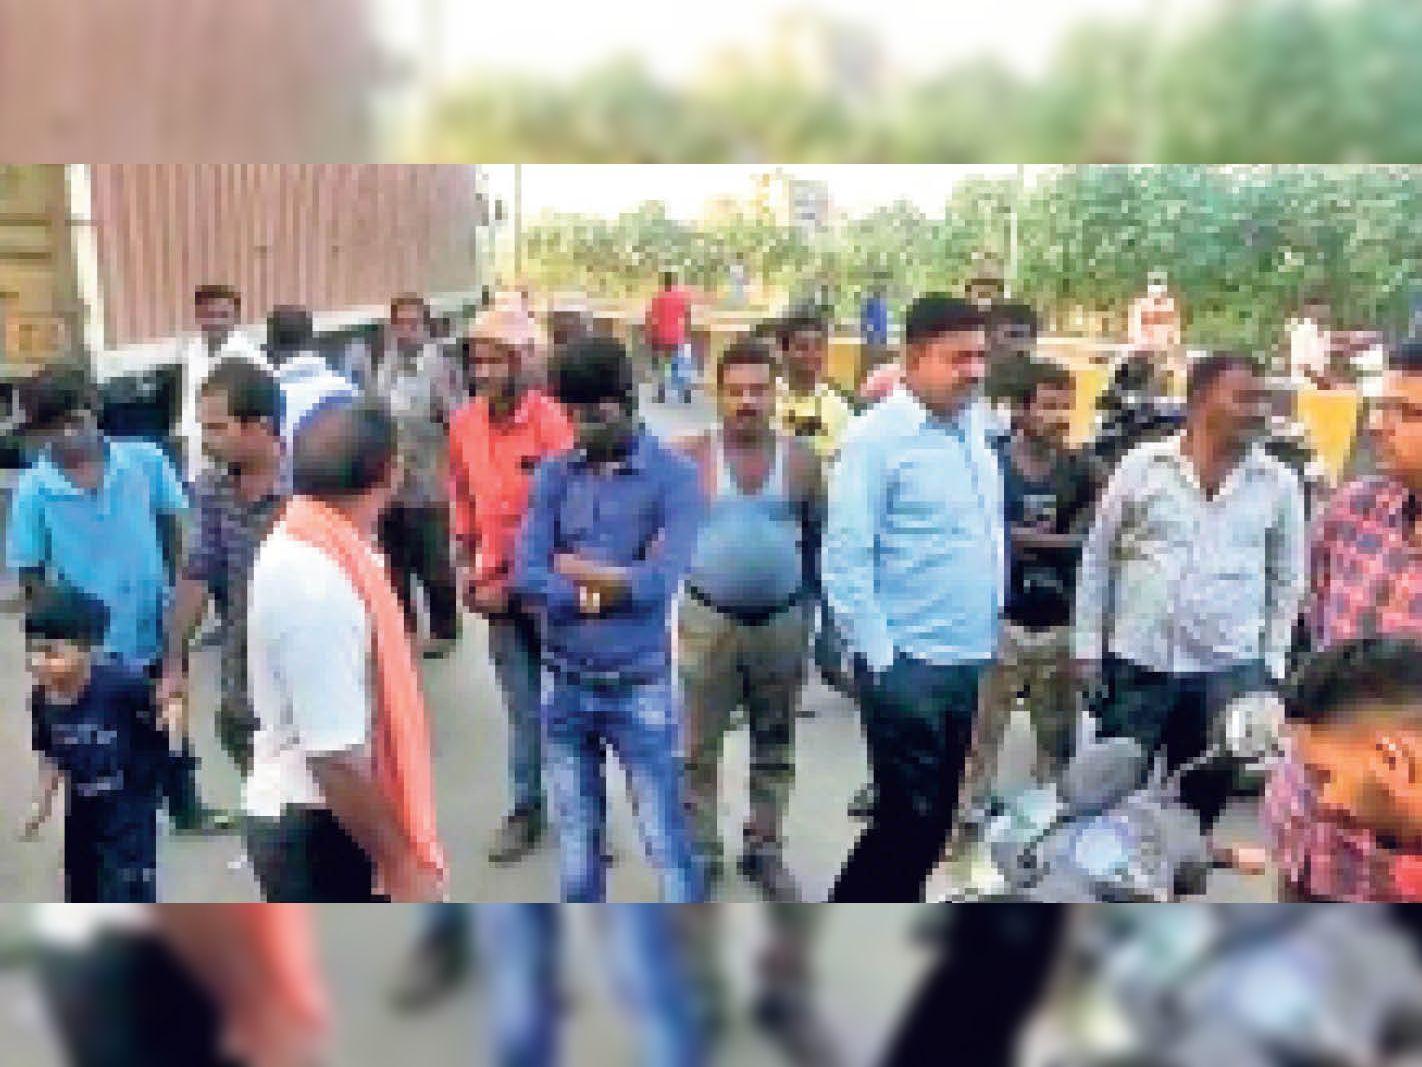 साइकिल चोरी होने पर बीच रोड पर ट्रेलर खड़ा कर चालक ने किया हंगामा, गोलमुरी जा रहा था ट्रेलर|जमशेदपुर (पूर्वी सिंहभूम),Jamshedpur (East Singhbhum) - Dainik Bhaskar